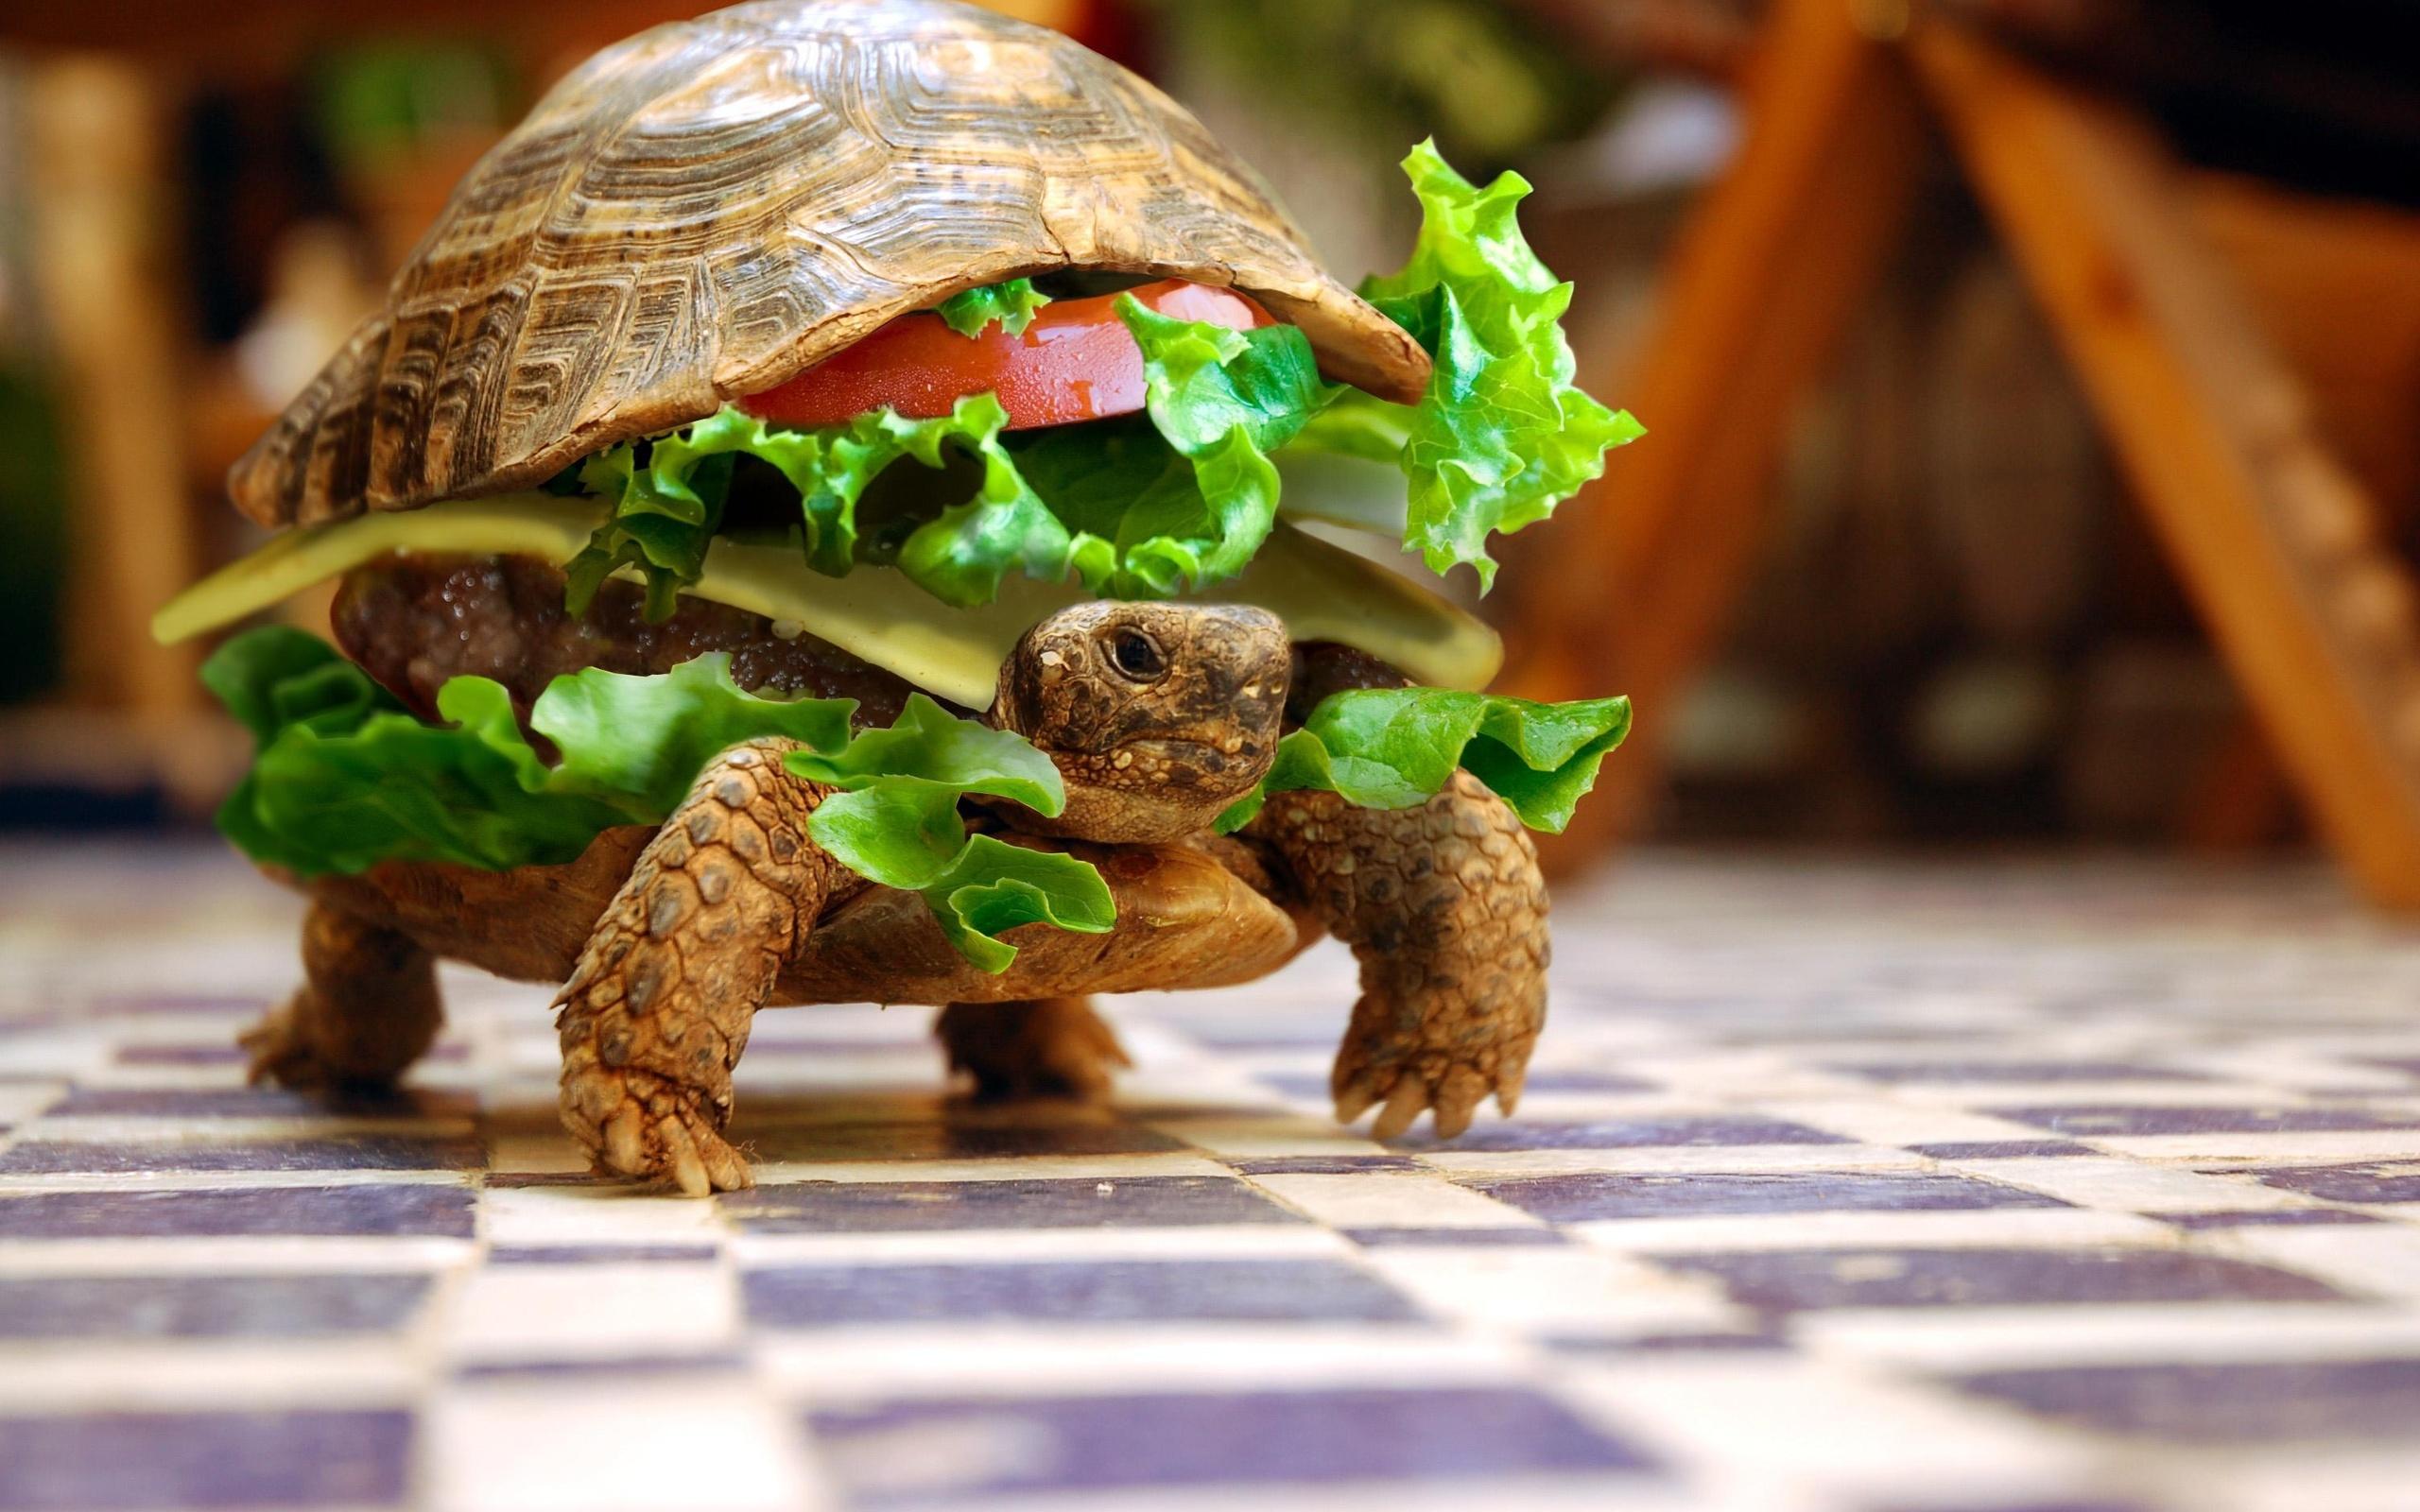 Cute Tortoise Wallpaper